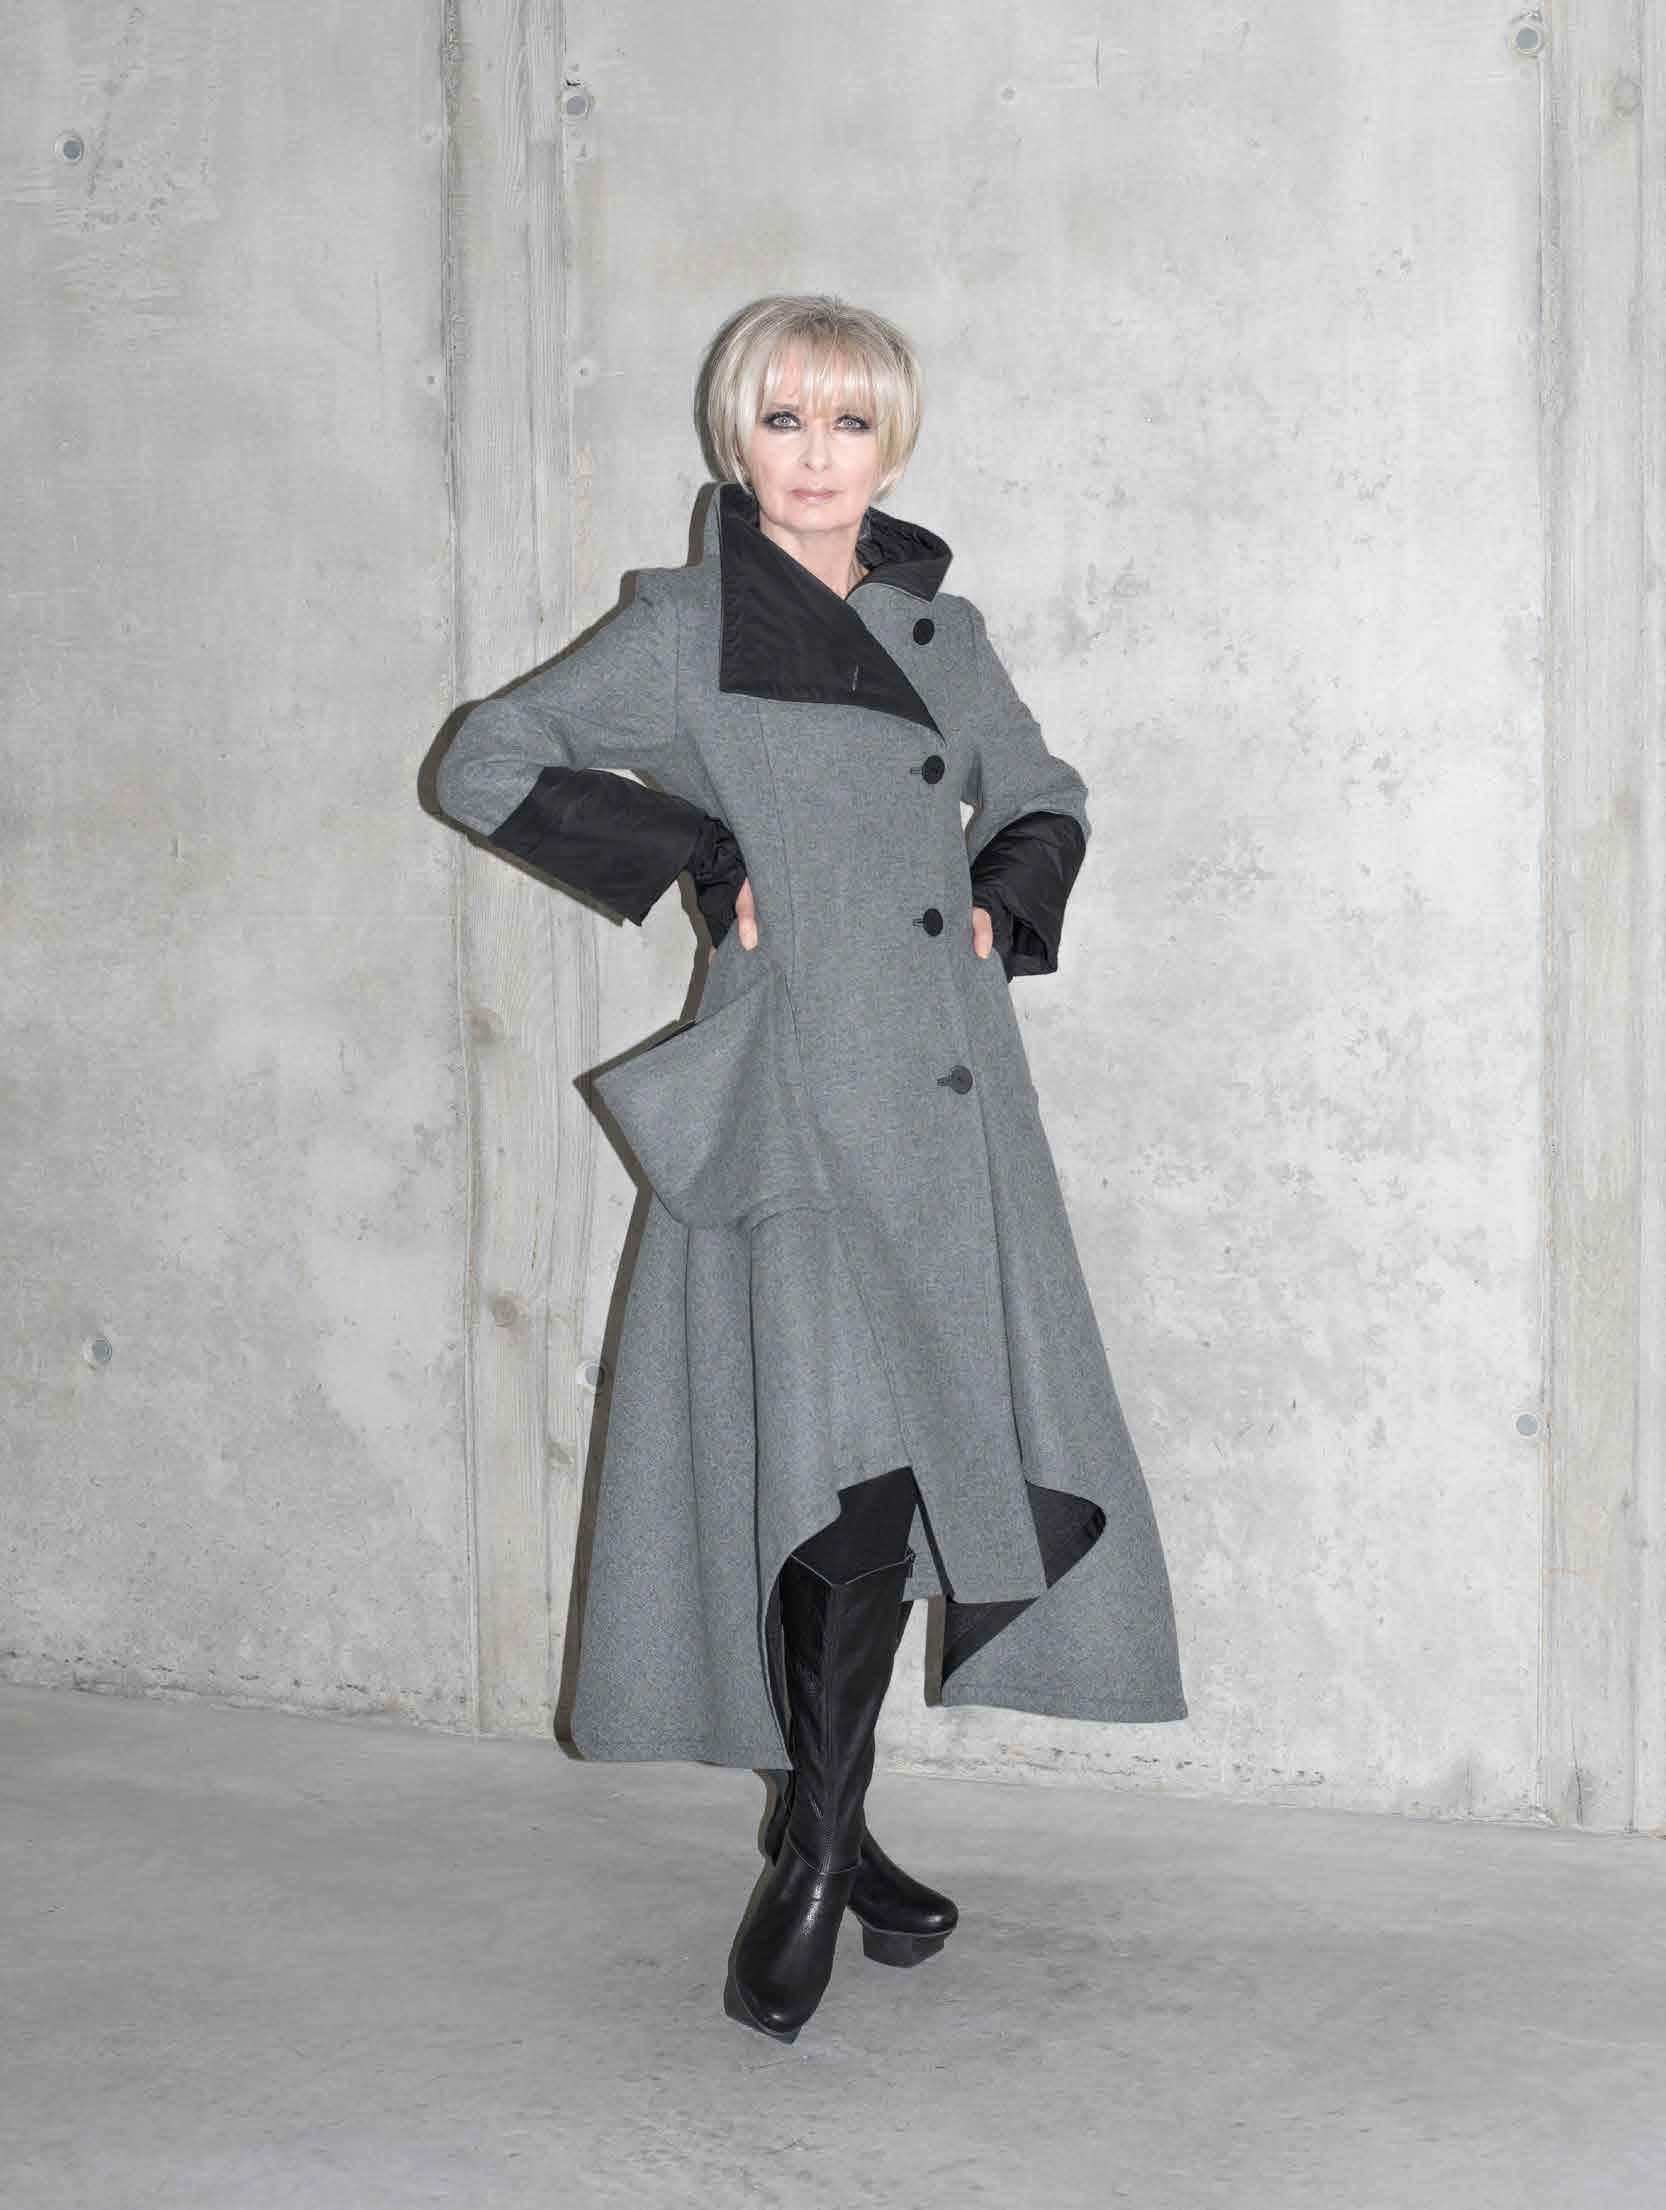 Пальто Xenia Design. Чöрная икра г. Пенза